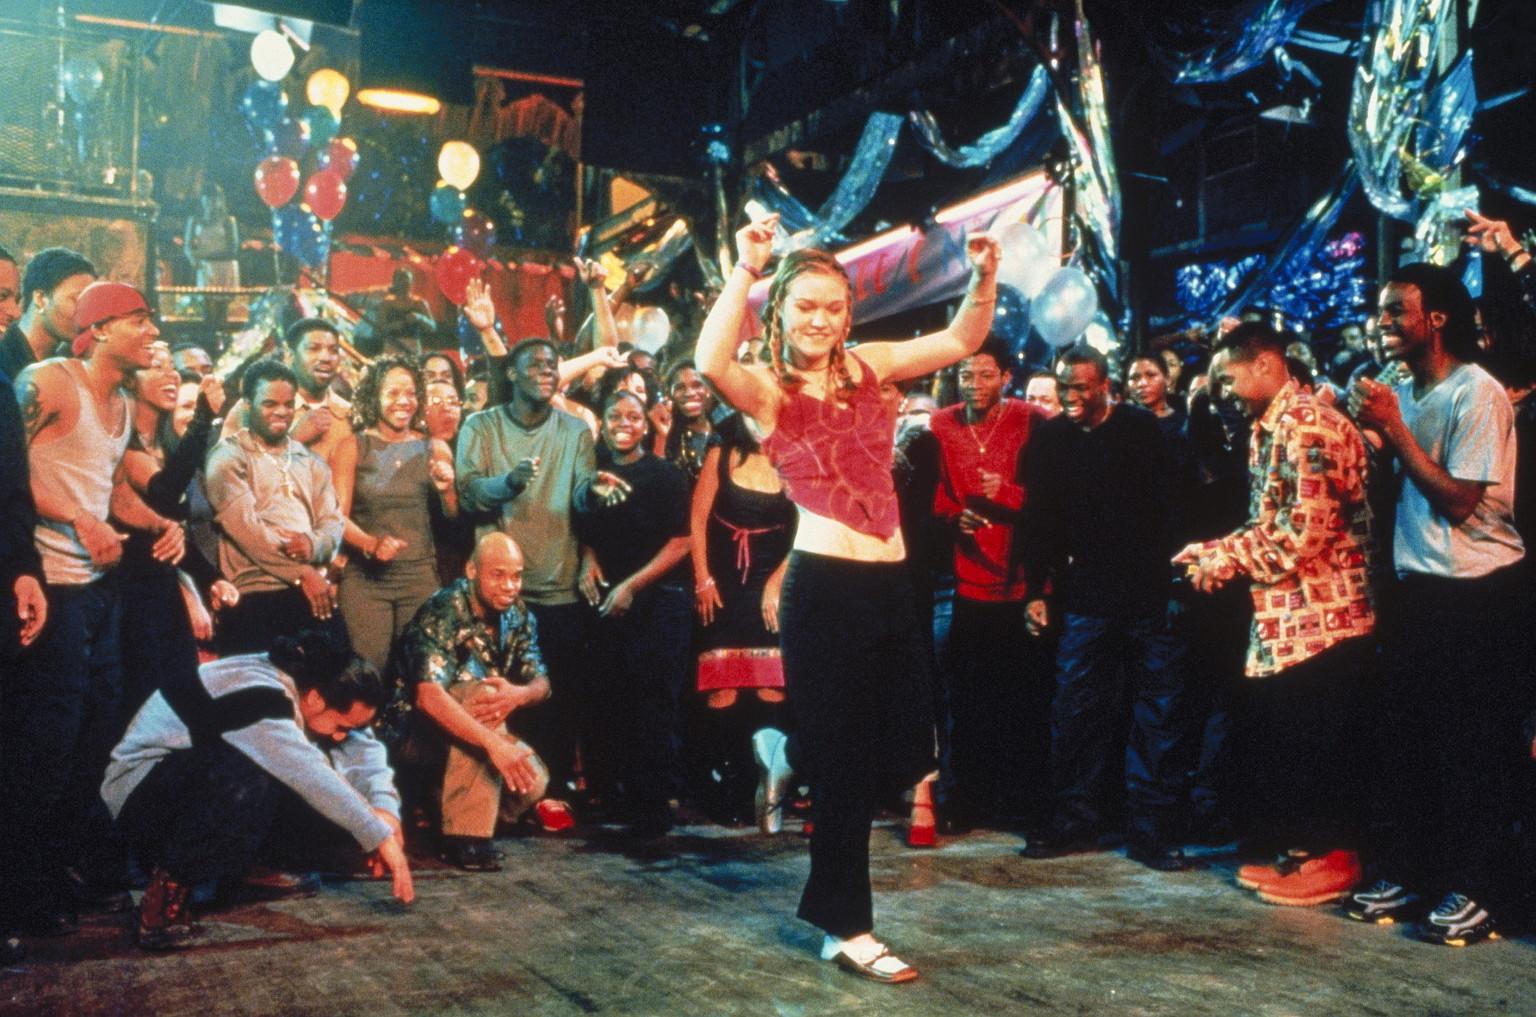 за мной последний танец 2 смотреть онлайн в хорошем качестве: